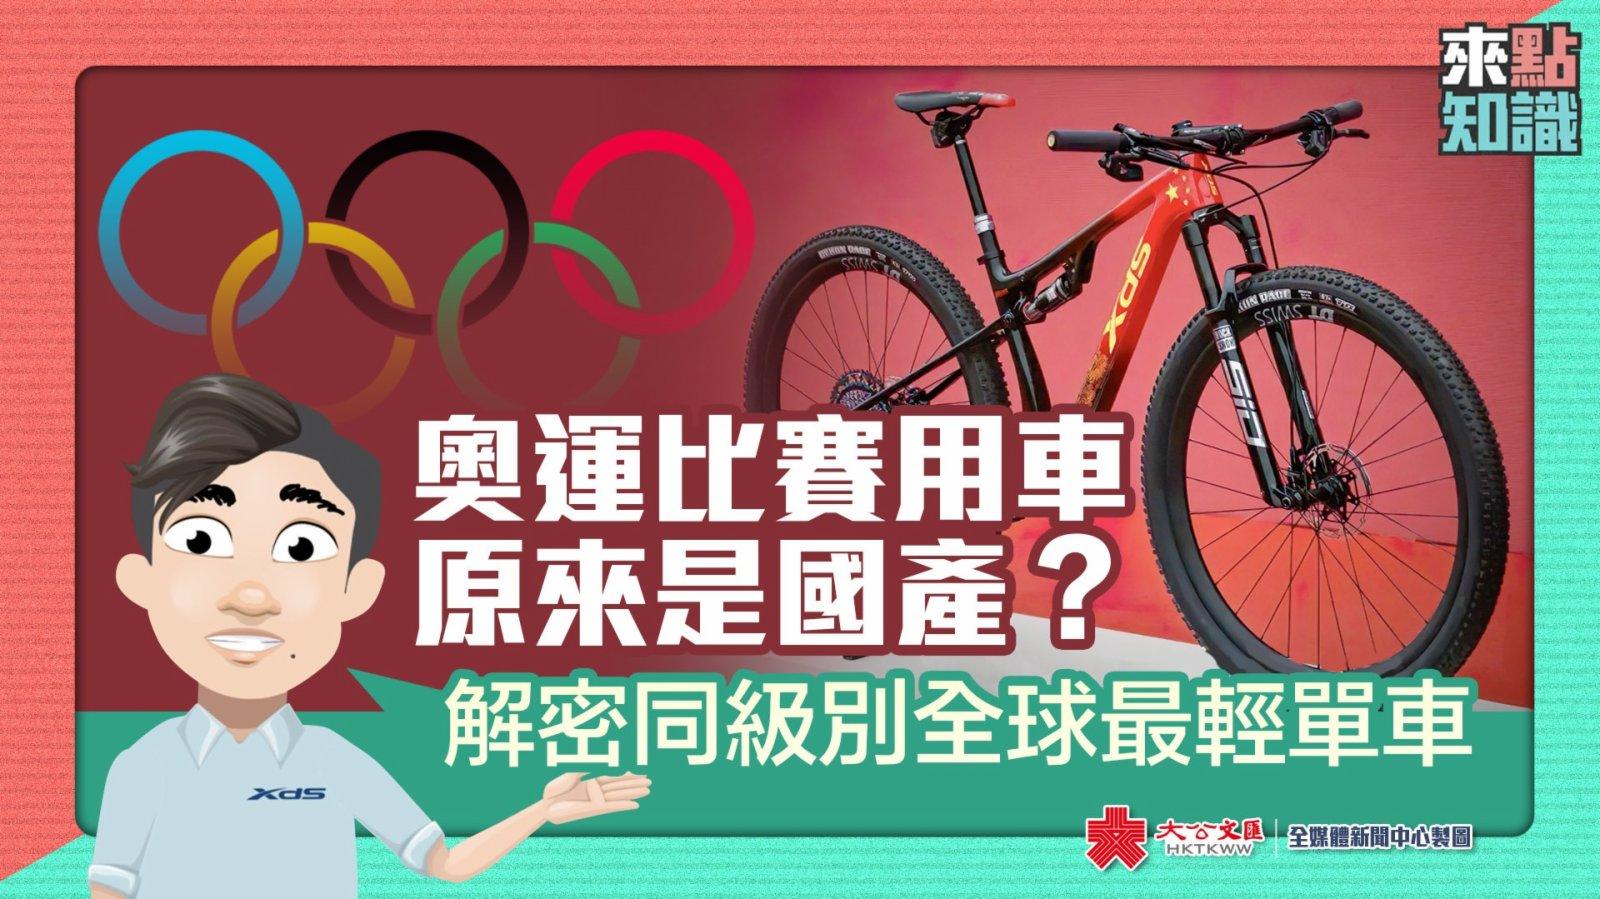 來點知識EP16丨奧運比賽用車原來是國產? 解密同級別全球最輕單車